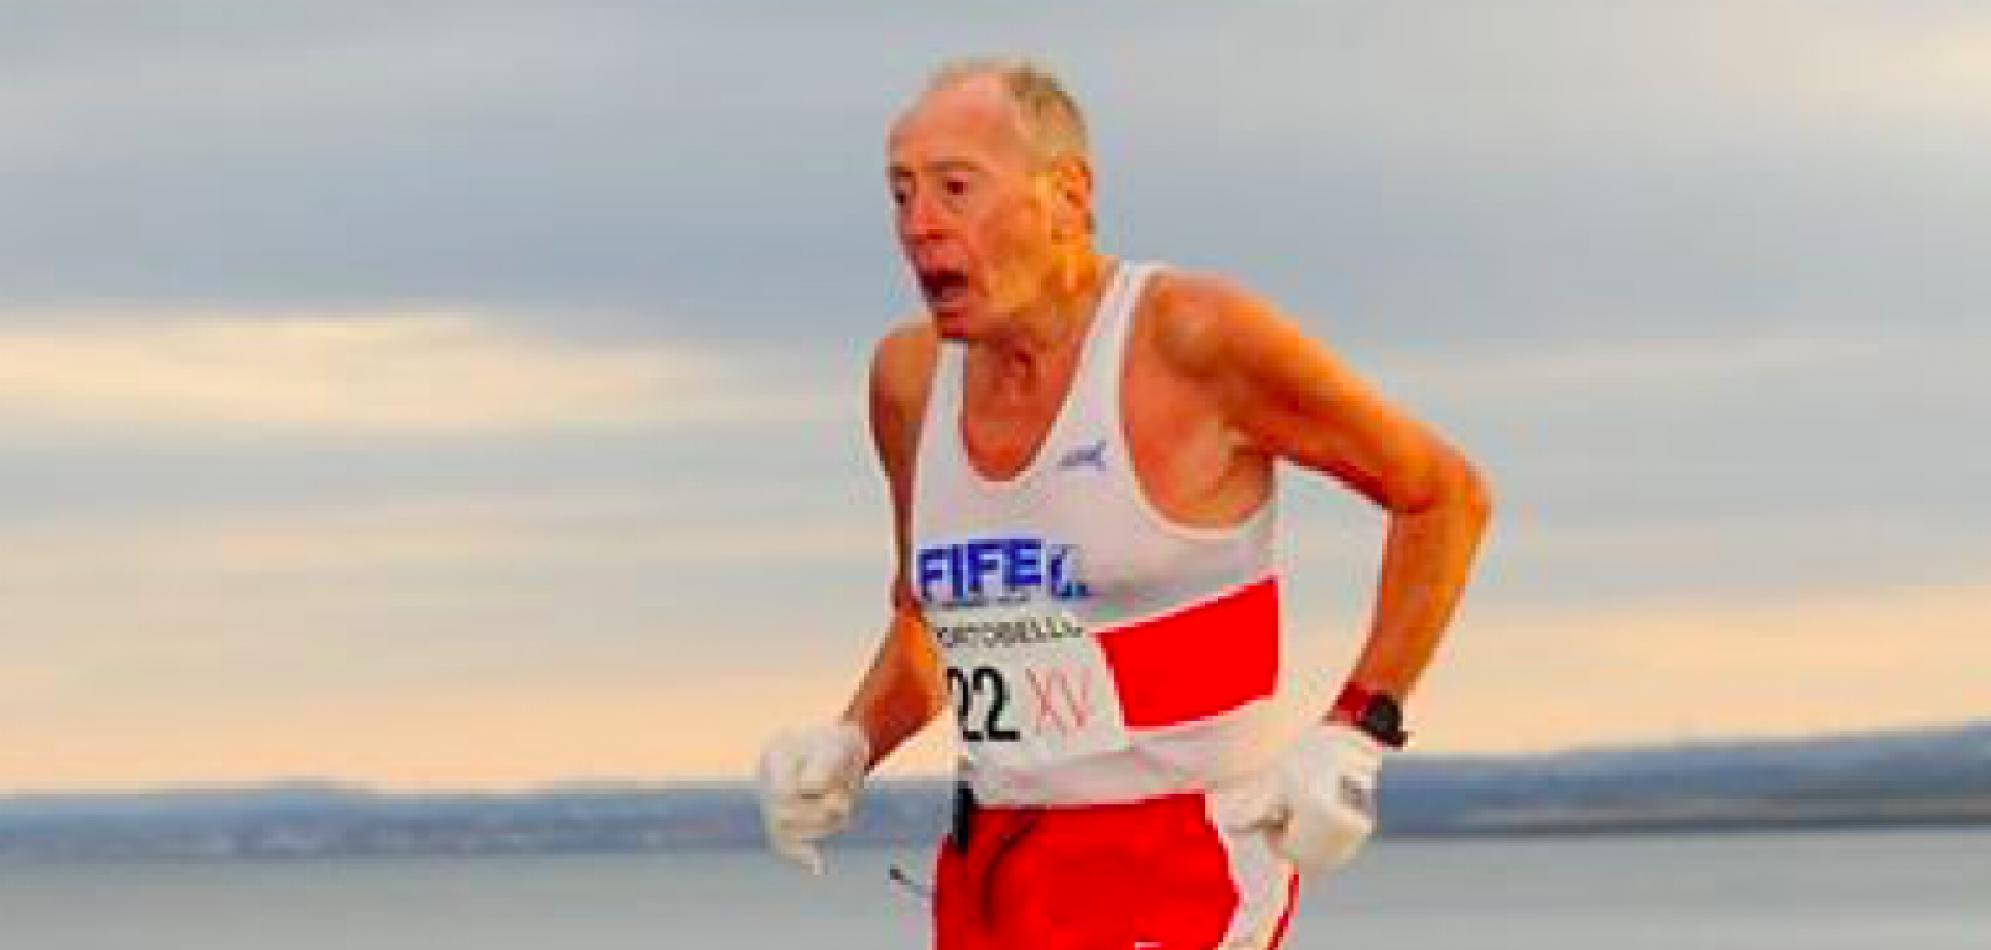 George Black, un corredor de 80 años, la edad son apenas números que no dicen mucho.